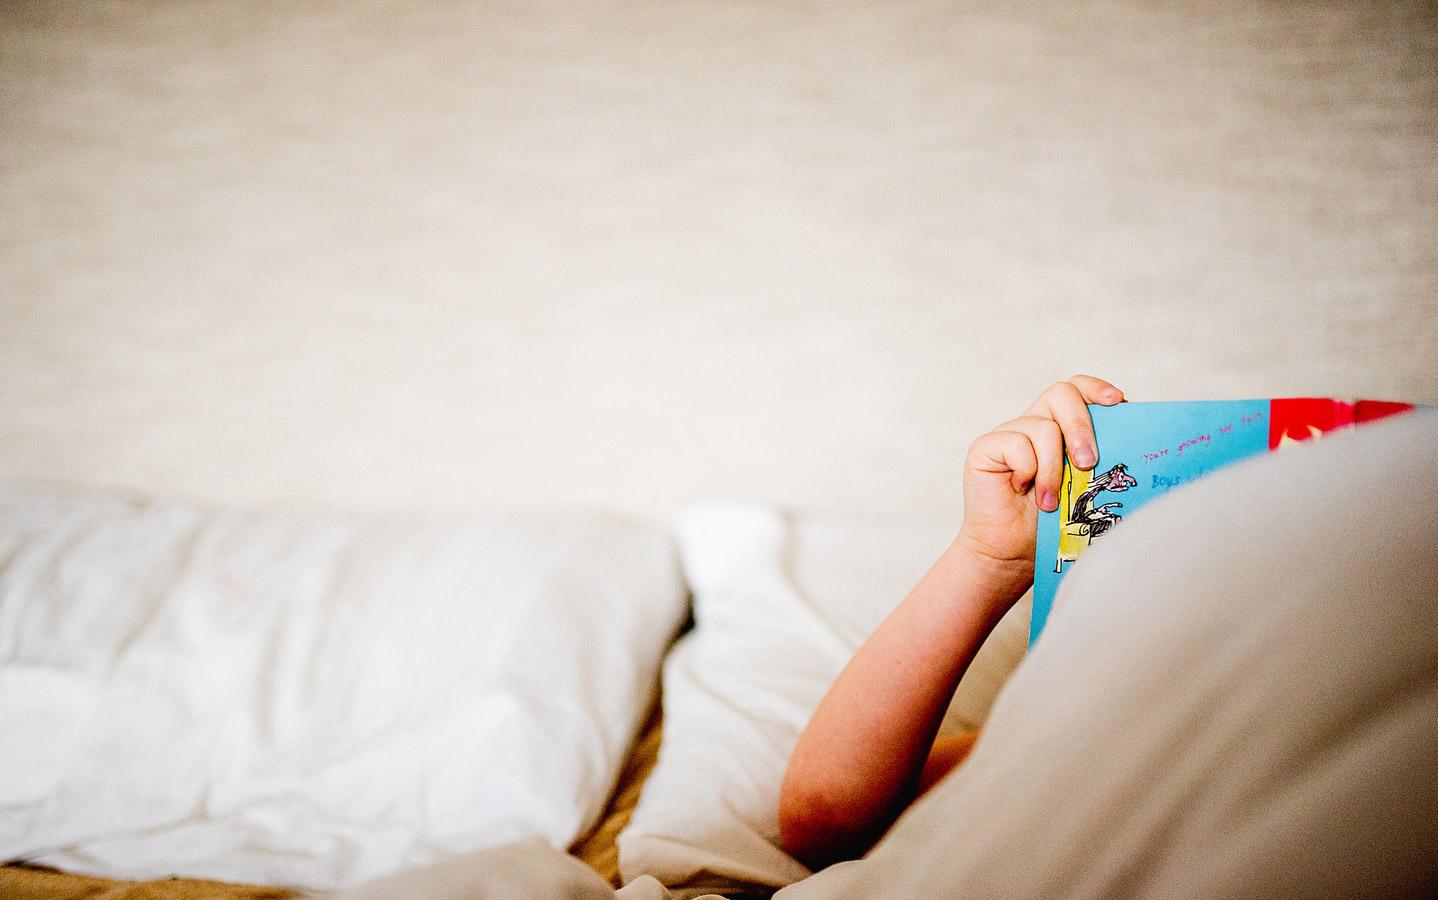 Лиза Карпентер / Lisa Carpenter, Великобритания, Финалист в категории «Дети», Фотоконкурс «Семья» — Rangefinder Family